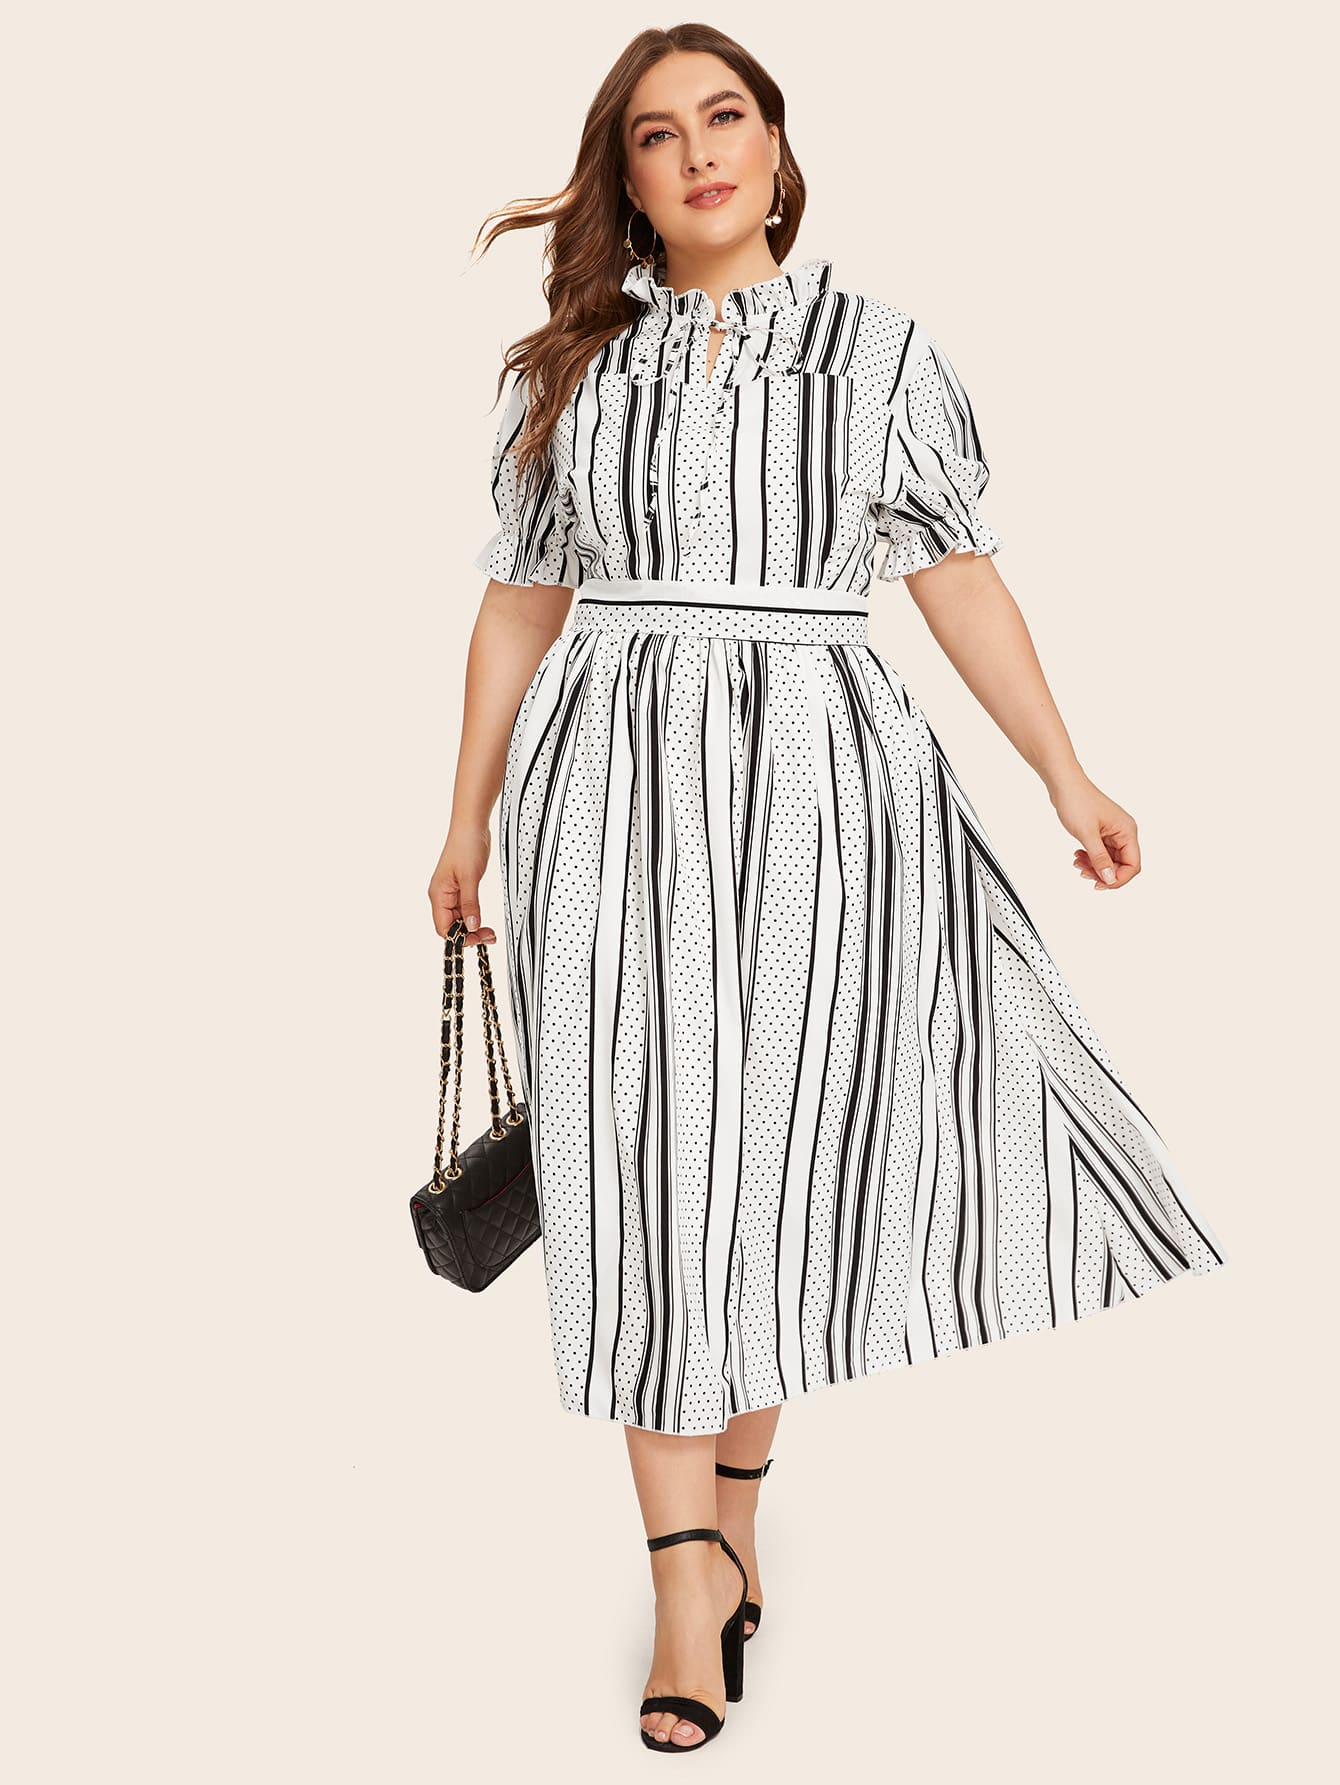 Фото - Полосатое платье в горошек размера плюс с воротником-бантом от SheIn цвет чёрнобелые